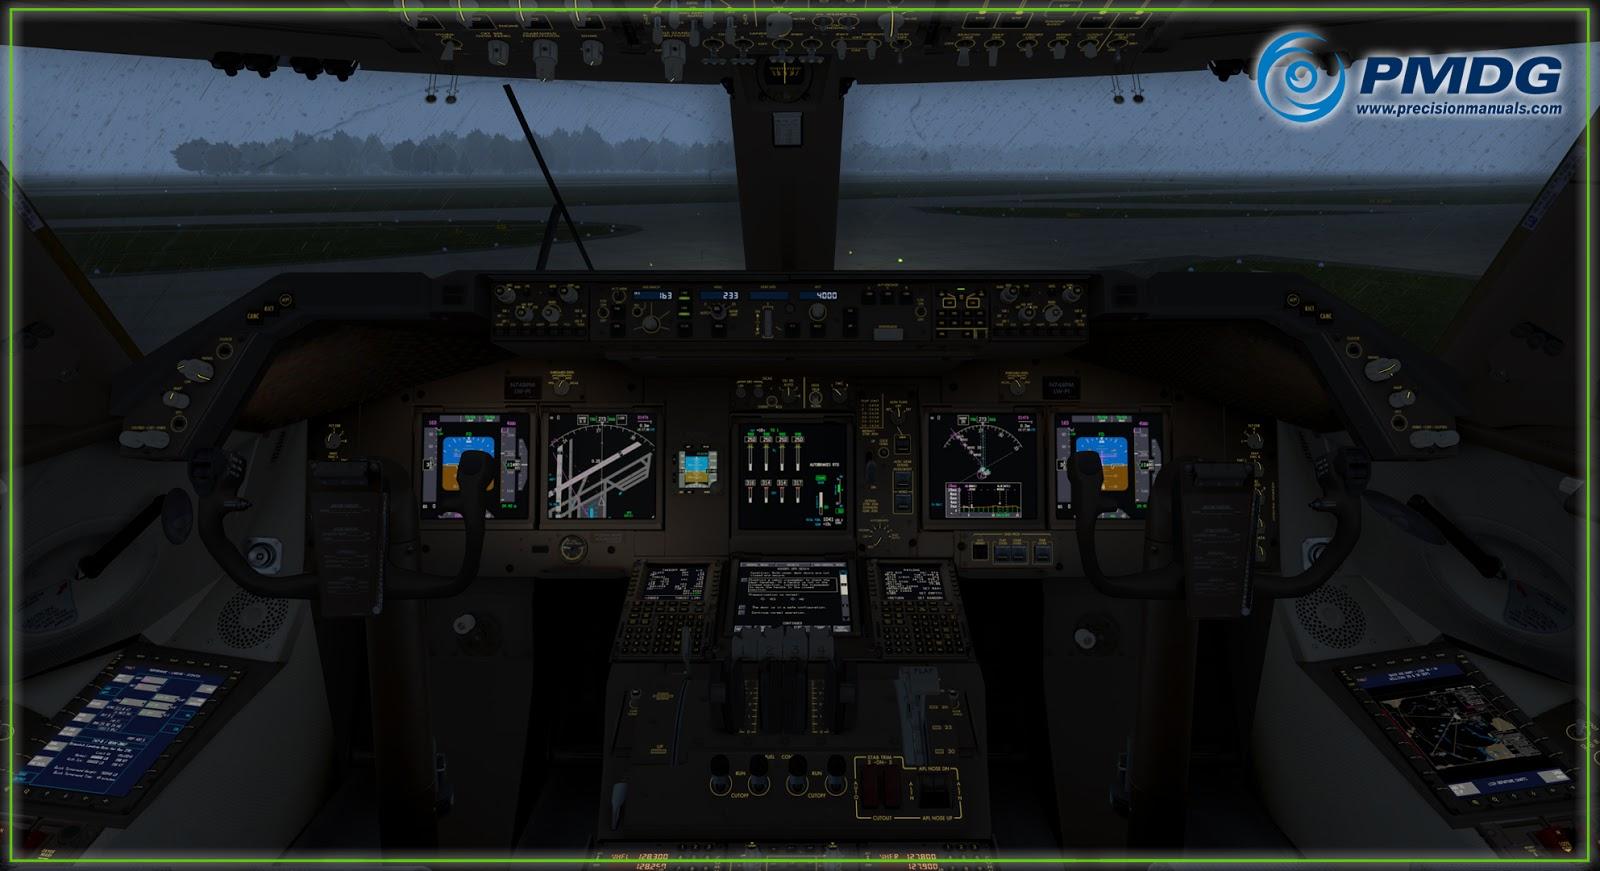 P3Dv4] PMDG 747-4/8 v3 00 9008 ~ ᴍᴇɢᴀᴅᴅᴏɴs ®